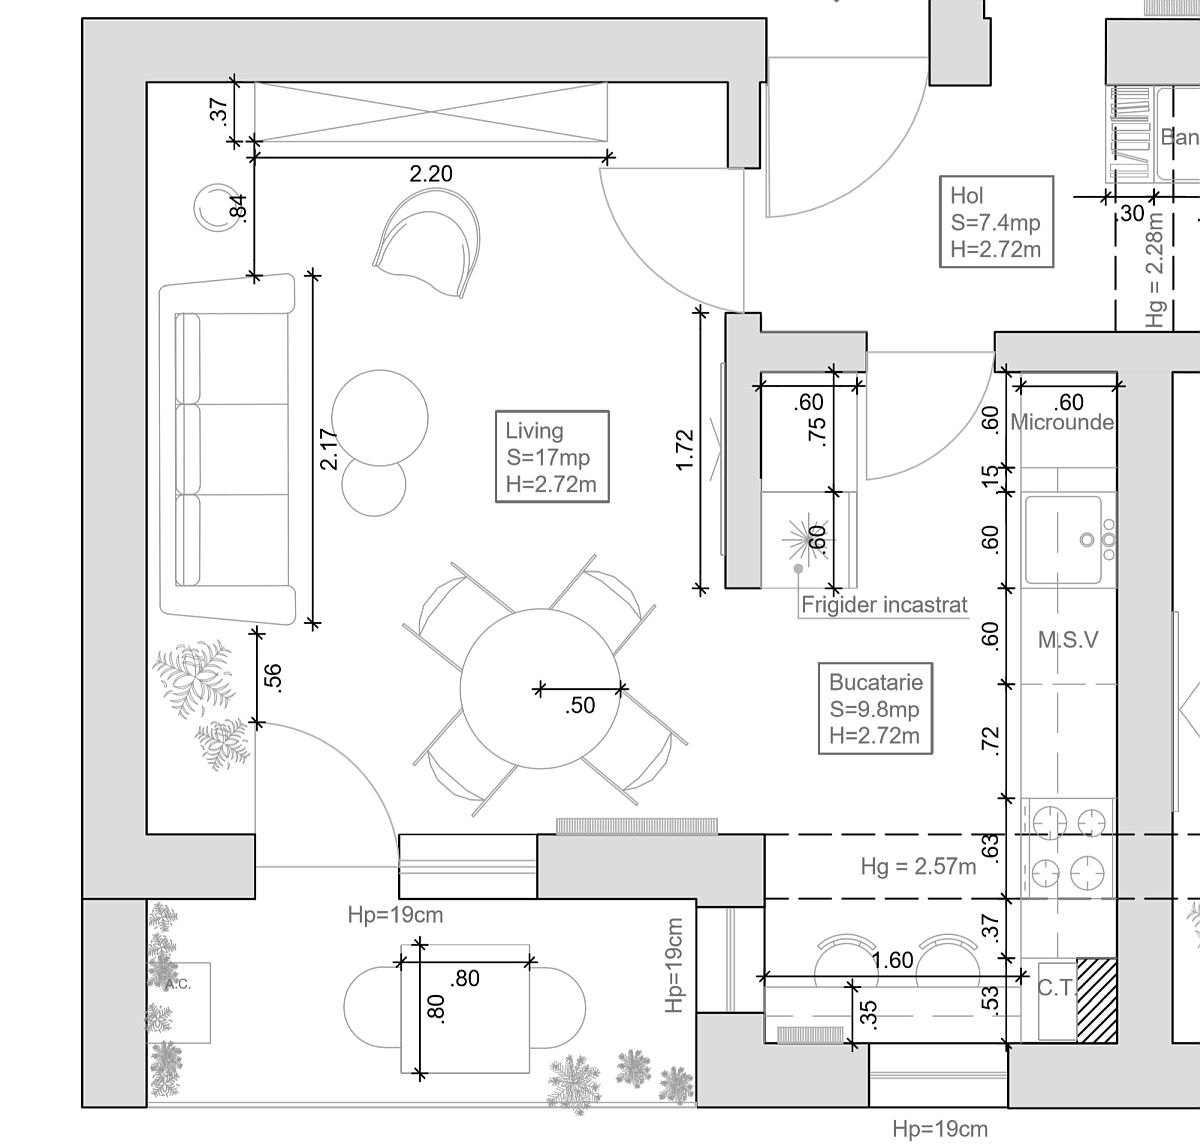 adelaparvu.com despre canapeaua potrivita in functie de spațiu, canapea in dreptul usii de balcon